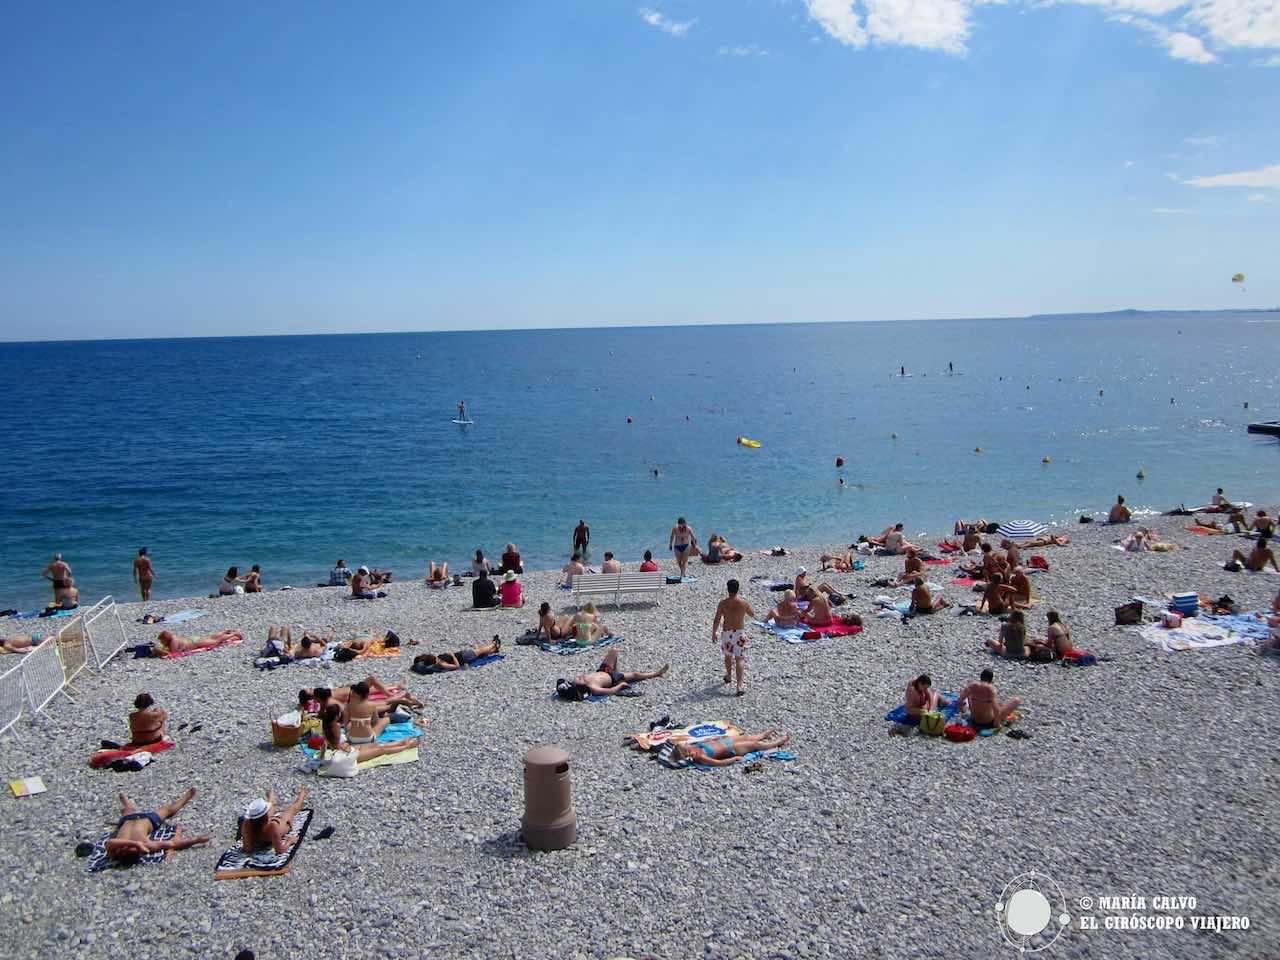 La incómoda playa de piedras de Niza